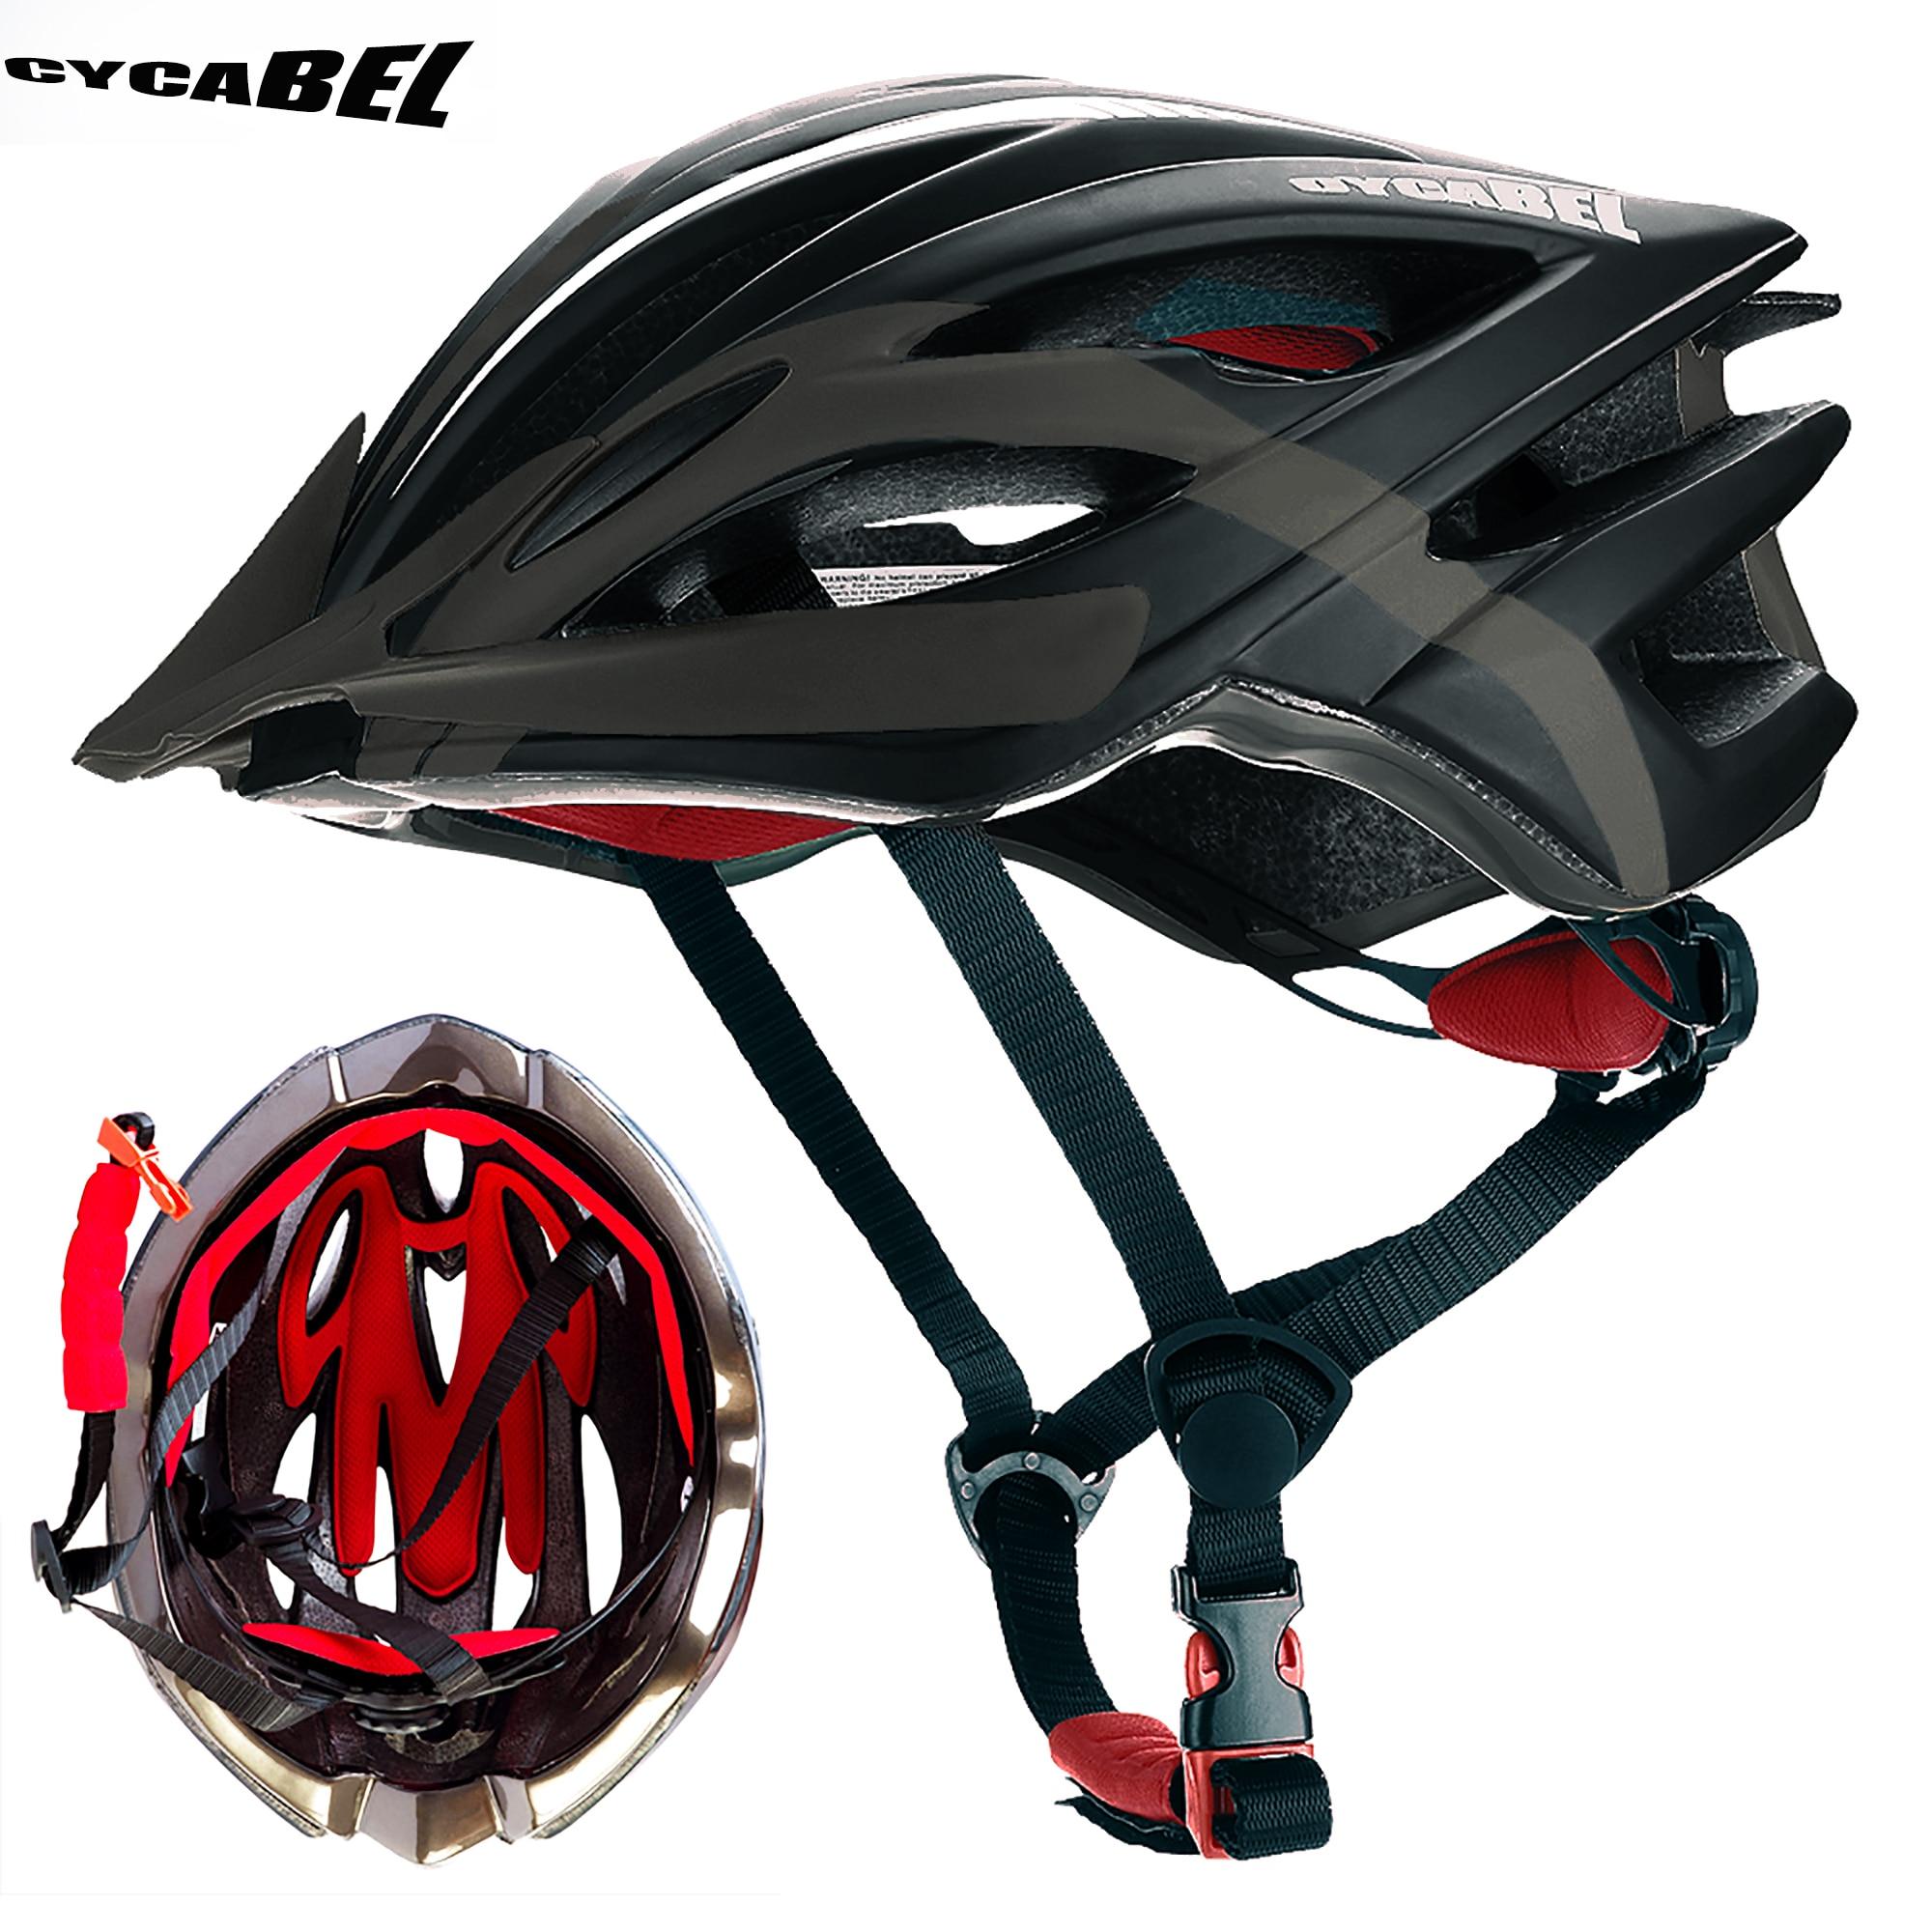 Велосипедный шлем CYCABEL, ультралегкий титановый шлем в форме буквы «под давлением», для горных велосипедов, безопасный для мужчин и женщин